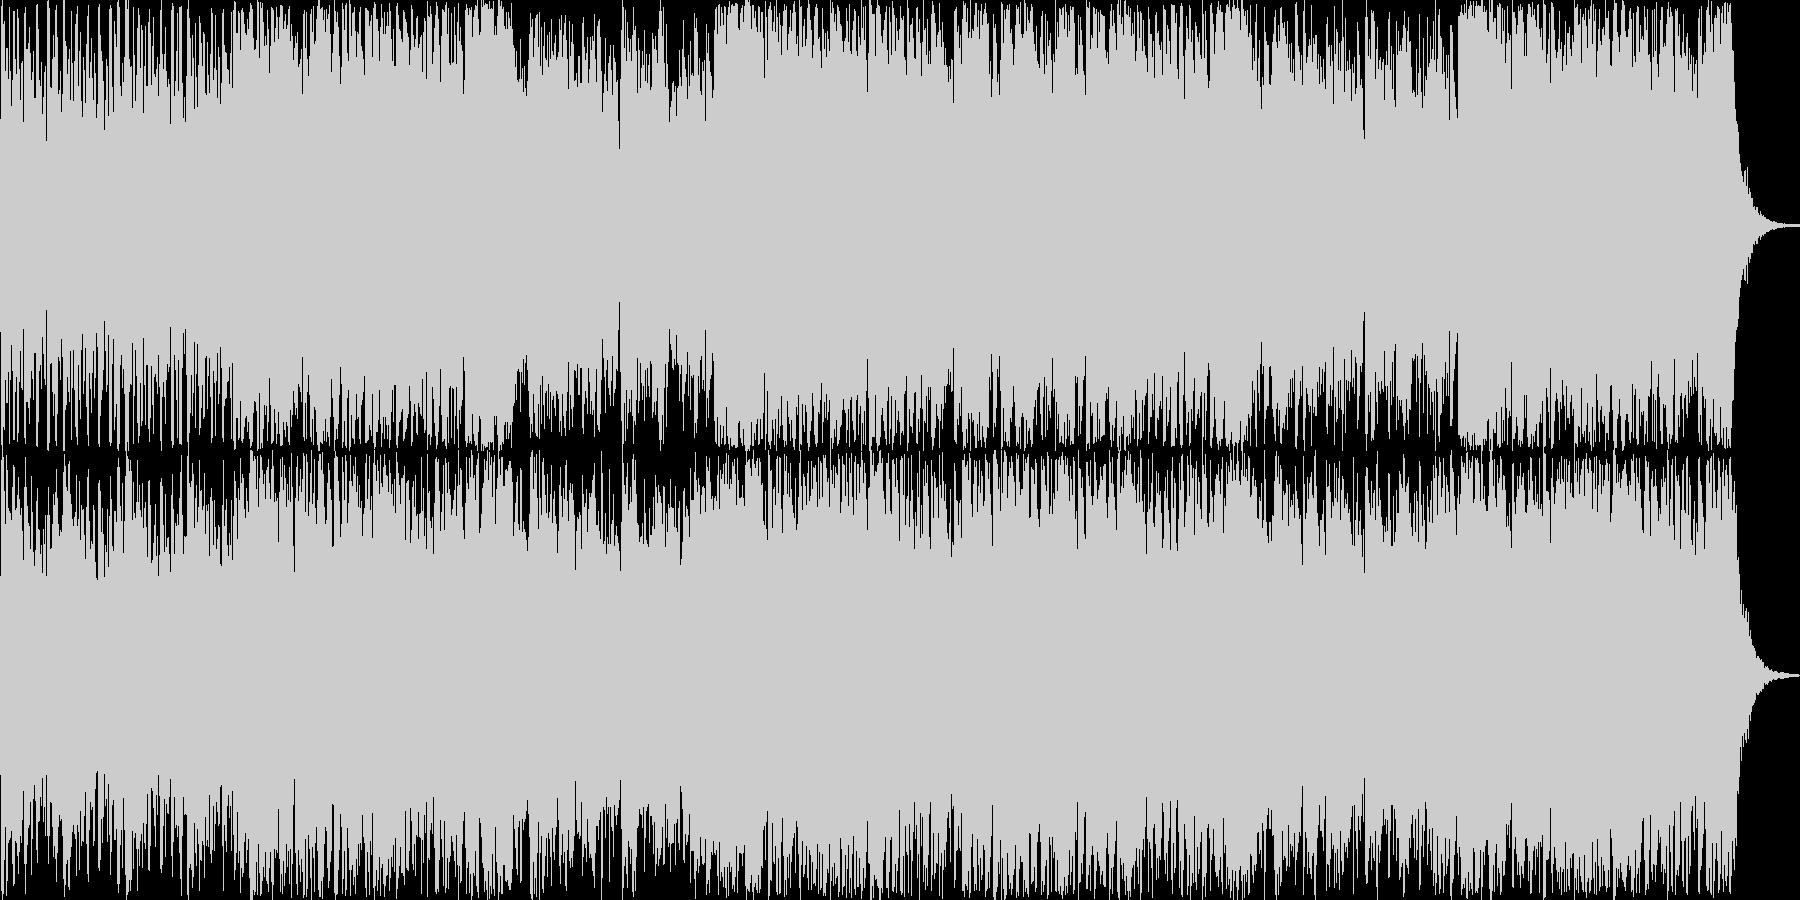 ストリングスメインの緊迫感のあるBGMの未再生の波形